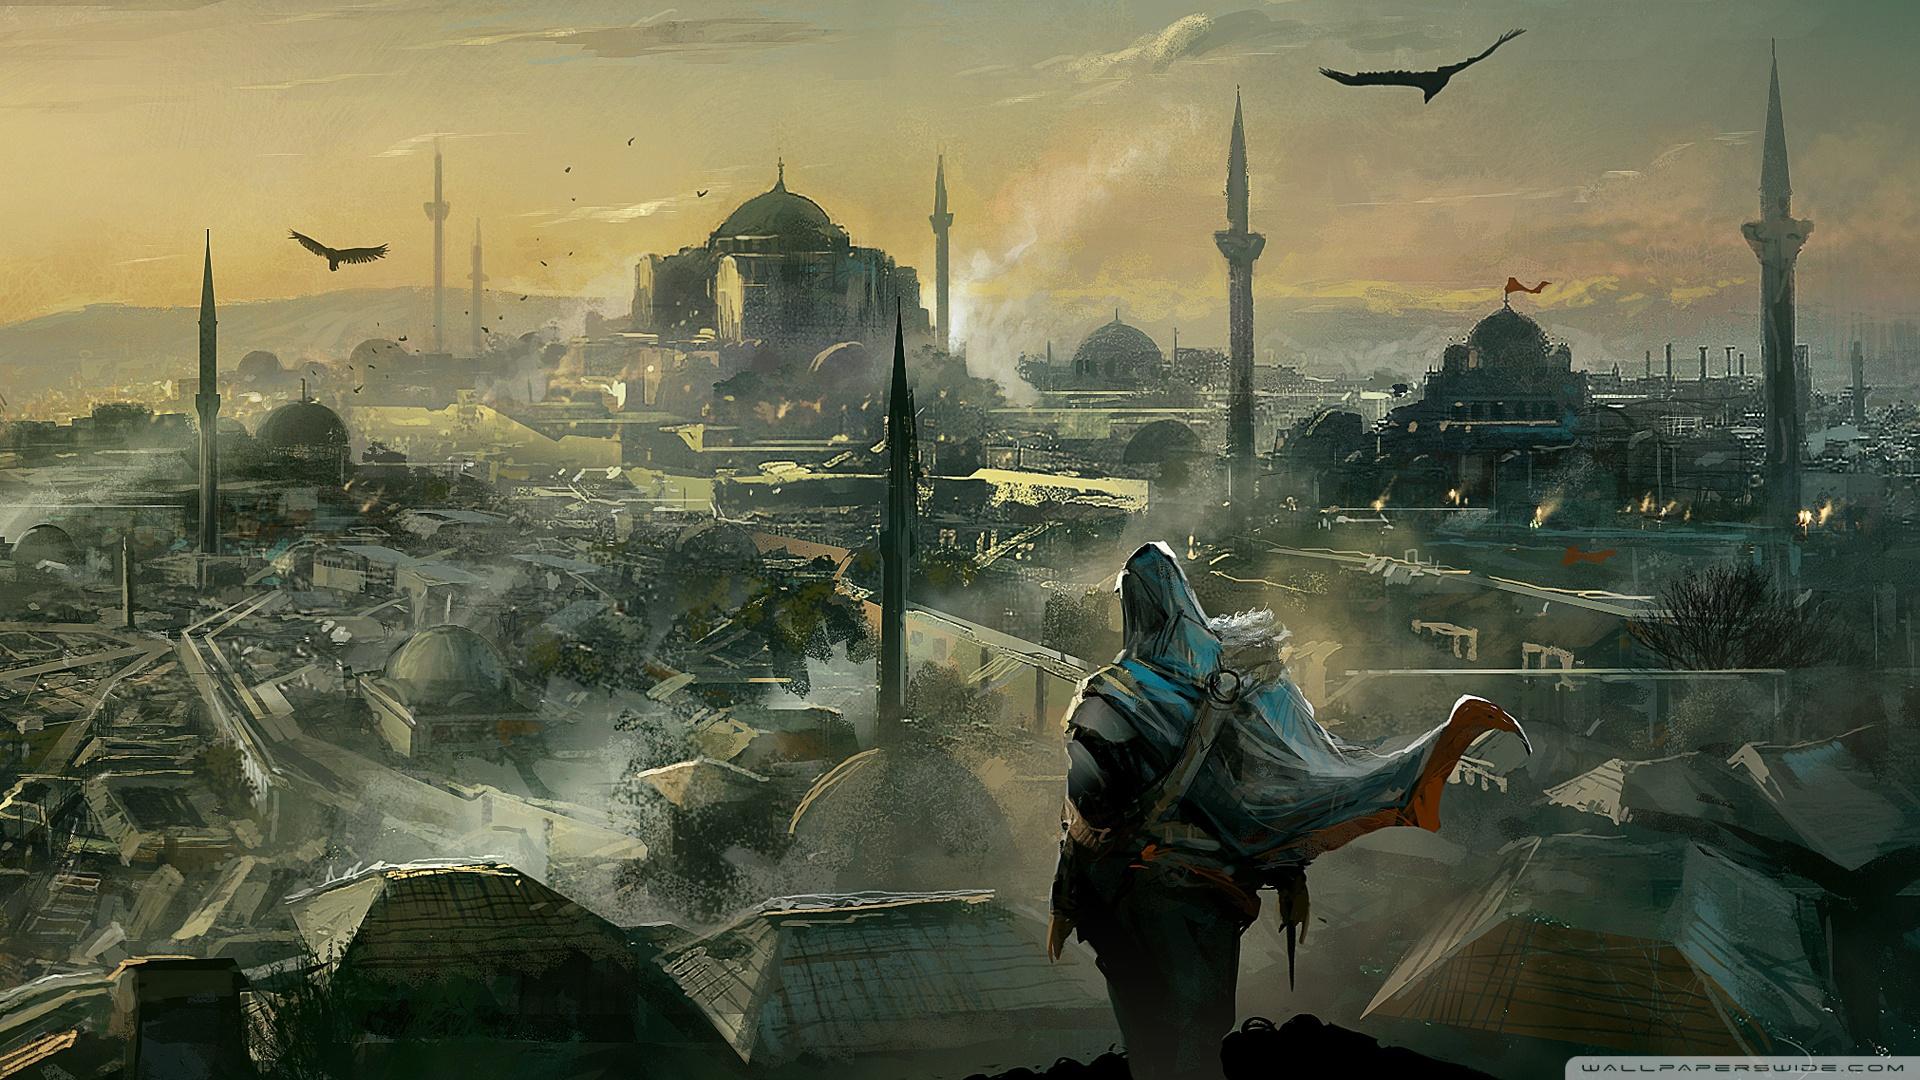 Assassins Creed Revelations Ezio Wallpaper 1920x1080 Assassins Creed 1920x1080